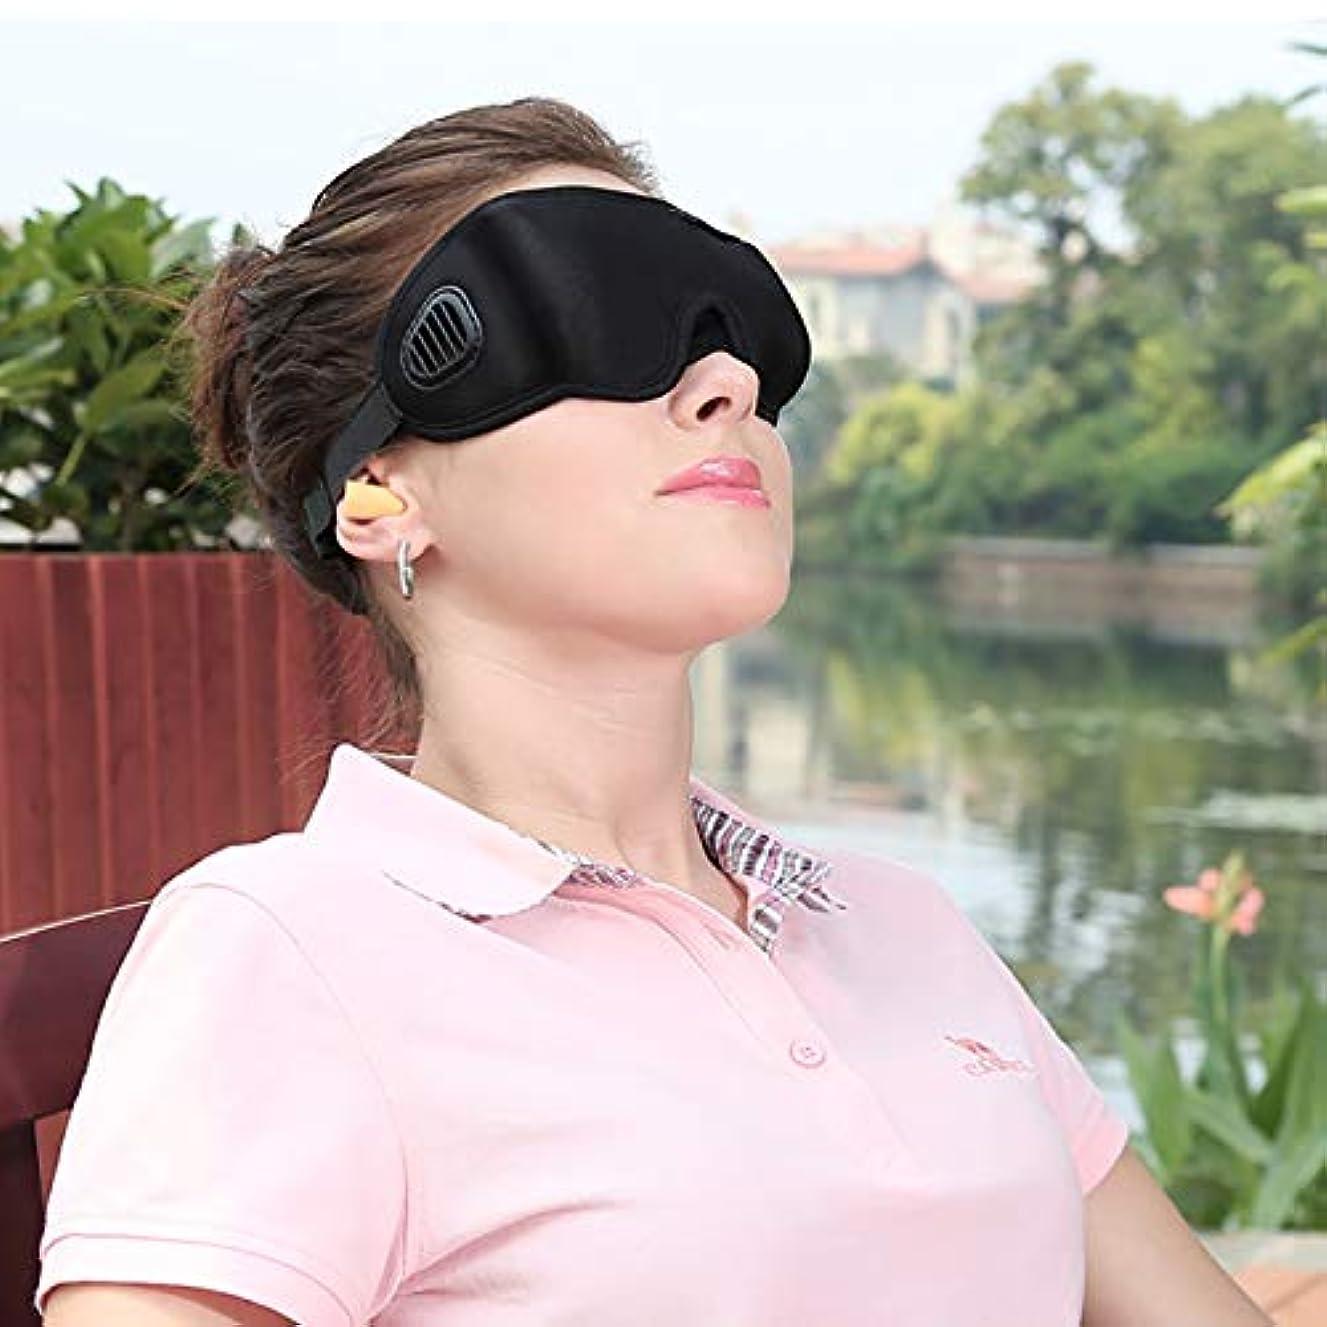 テメリティ結果実験をする注3 dナチュラルスリープアイマスクメモリスポンジアイシェード用睡眠リラックスカバーシェード目隠しトラベルシェードカバー睡眠目隠し